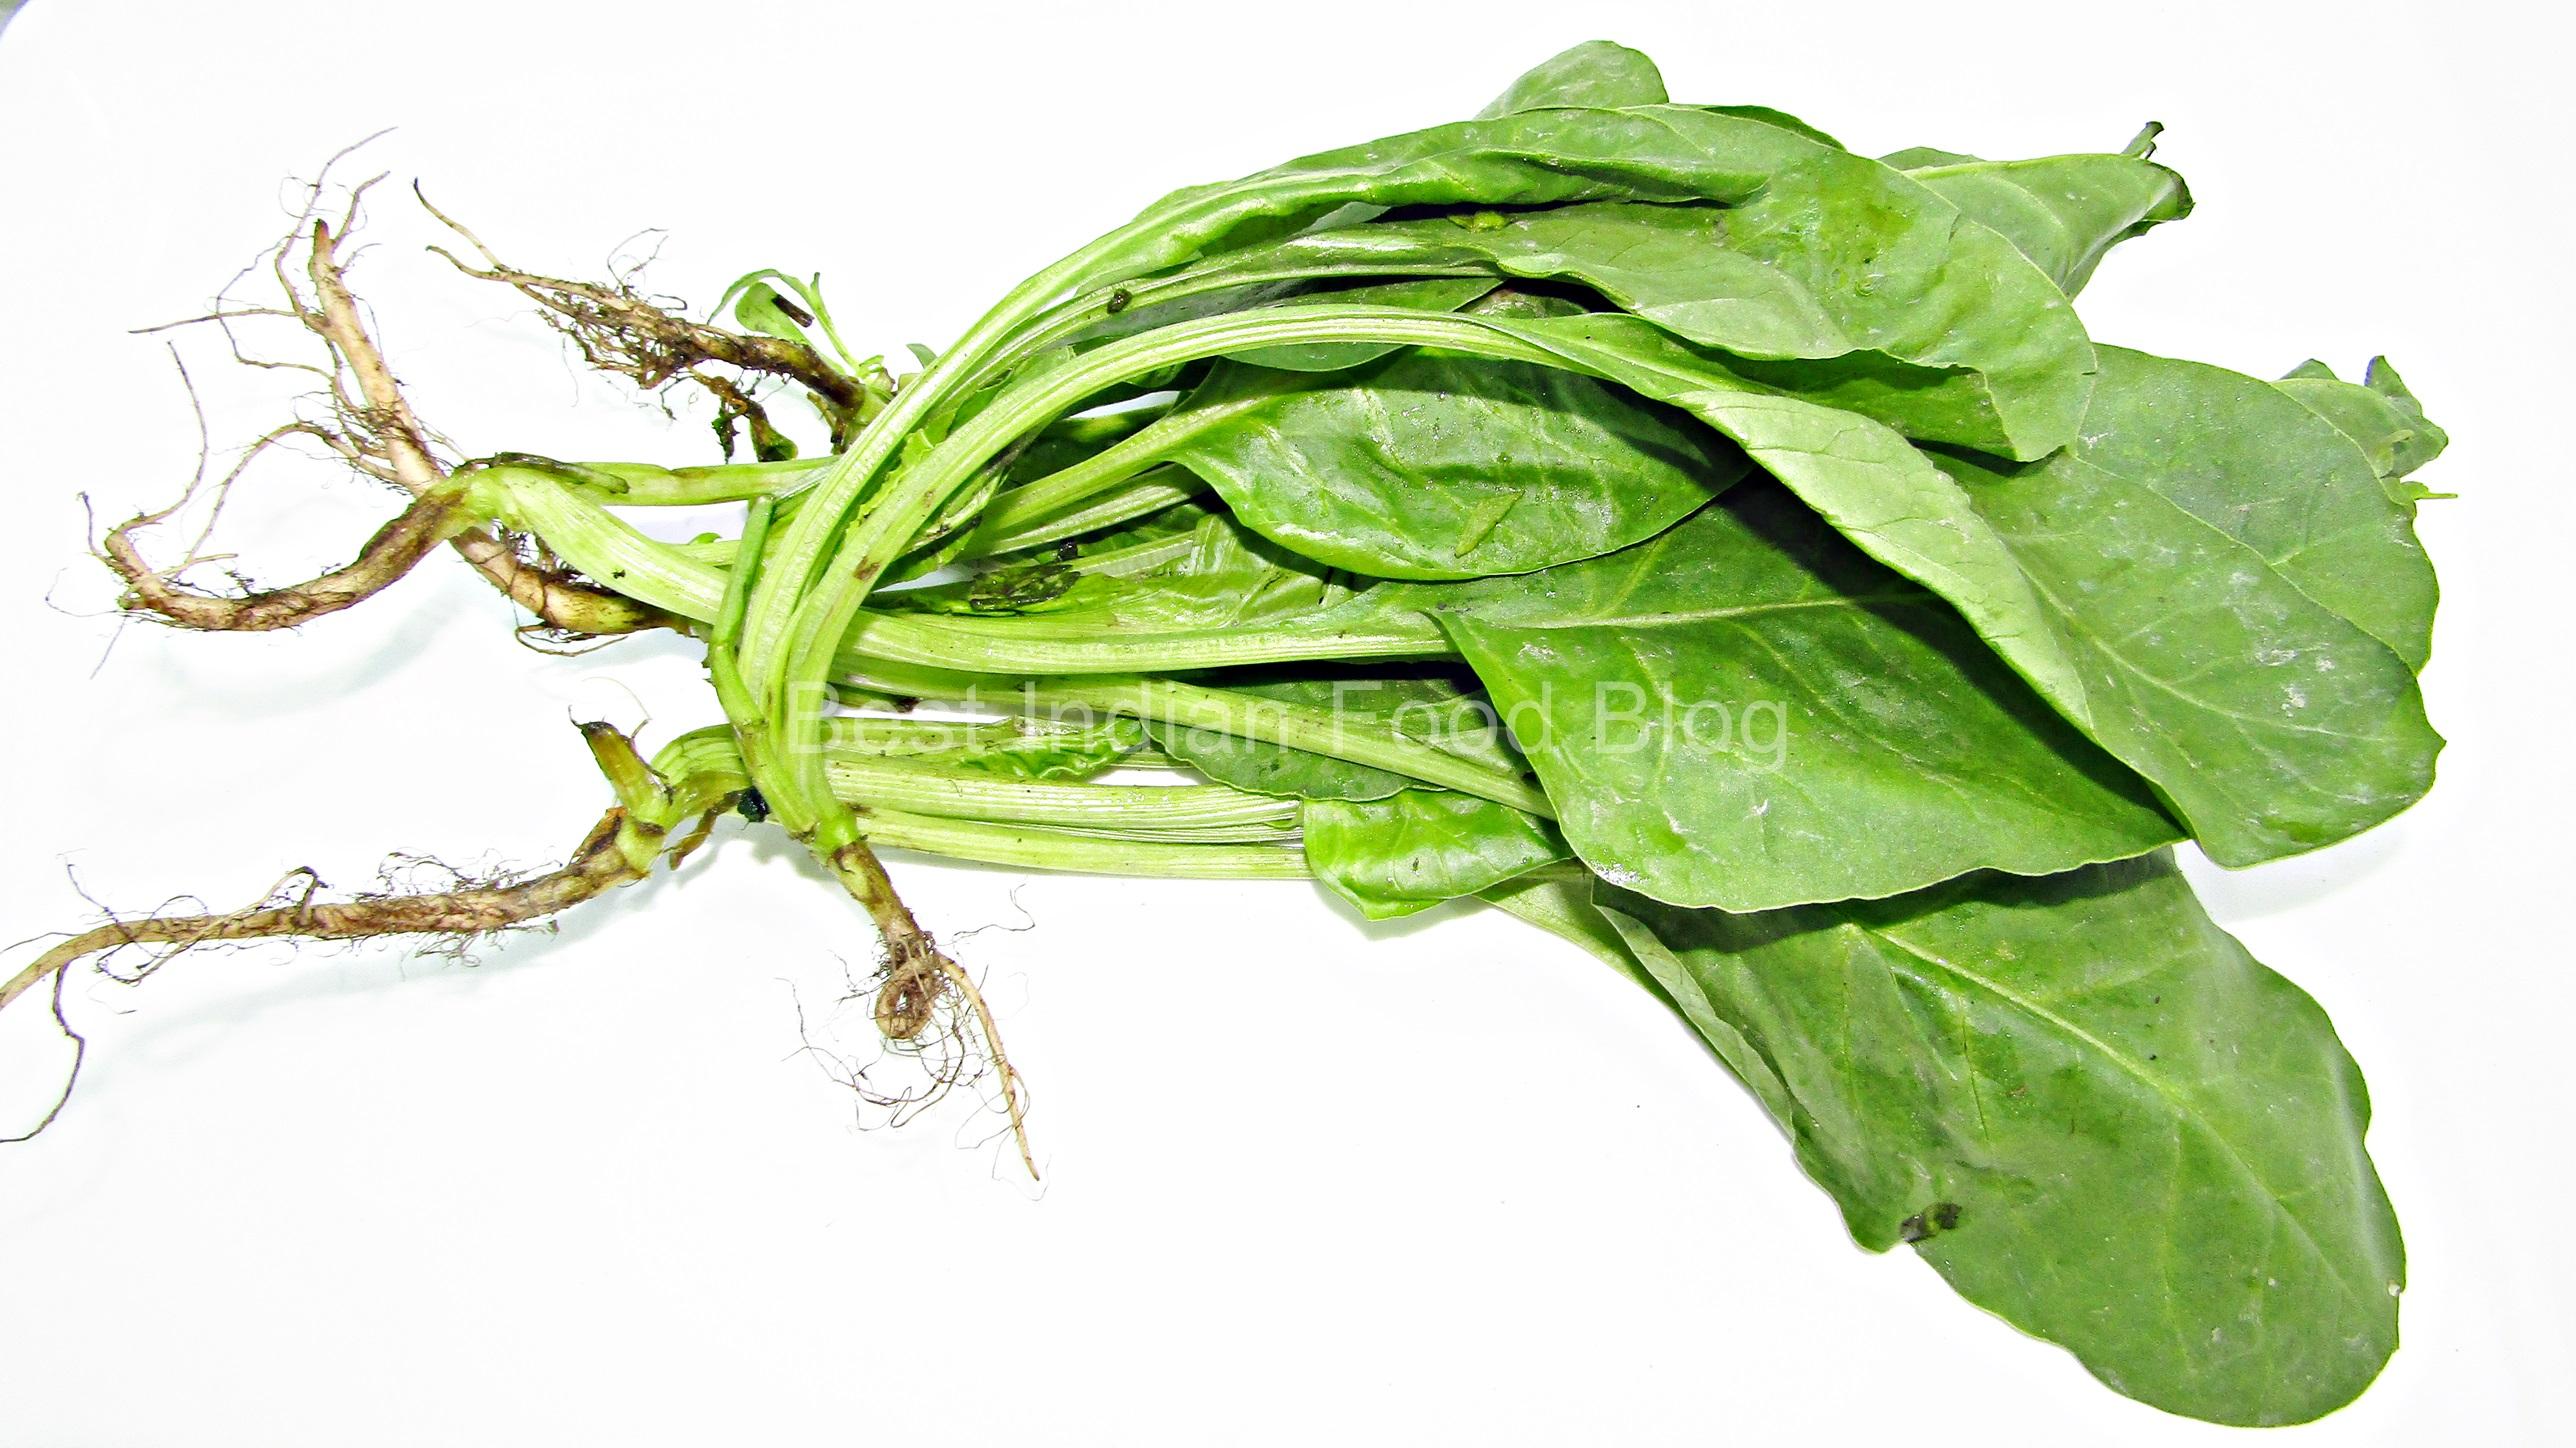 Spinach, Palong, Palang, Palak